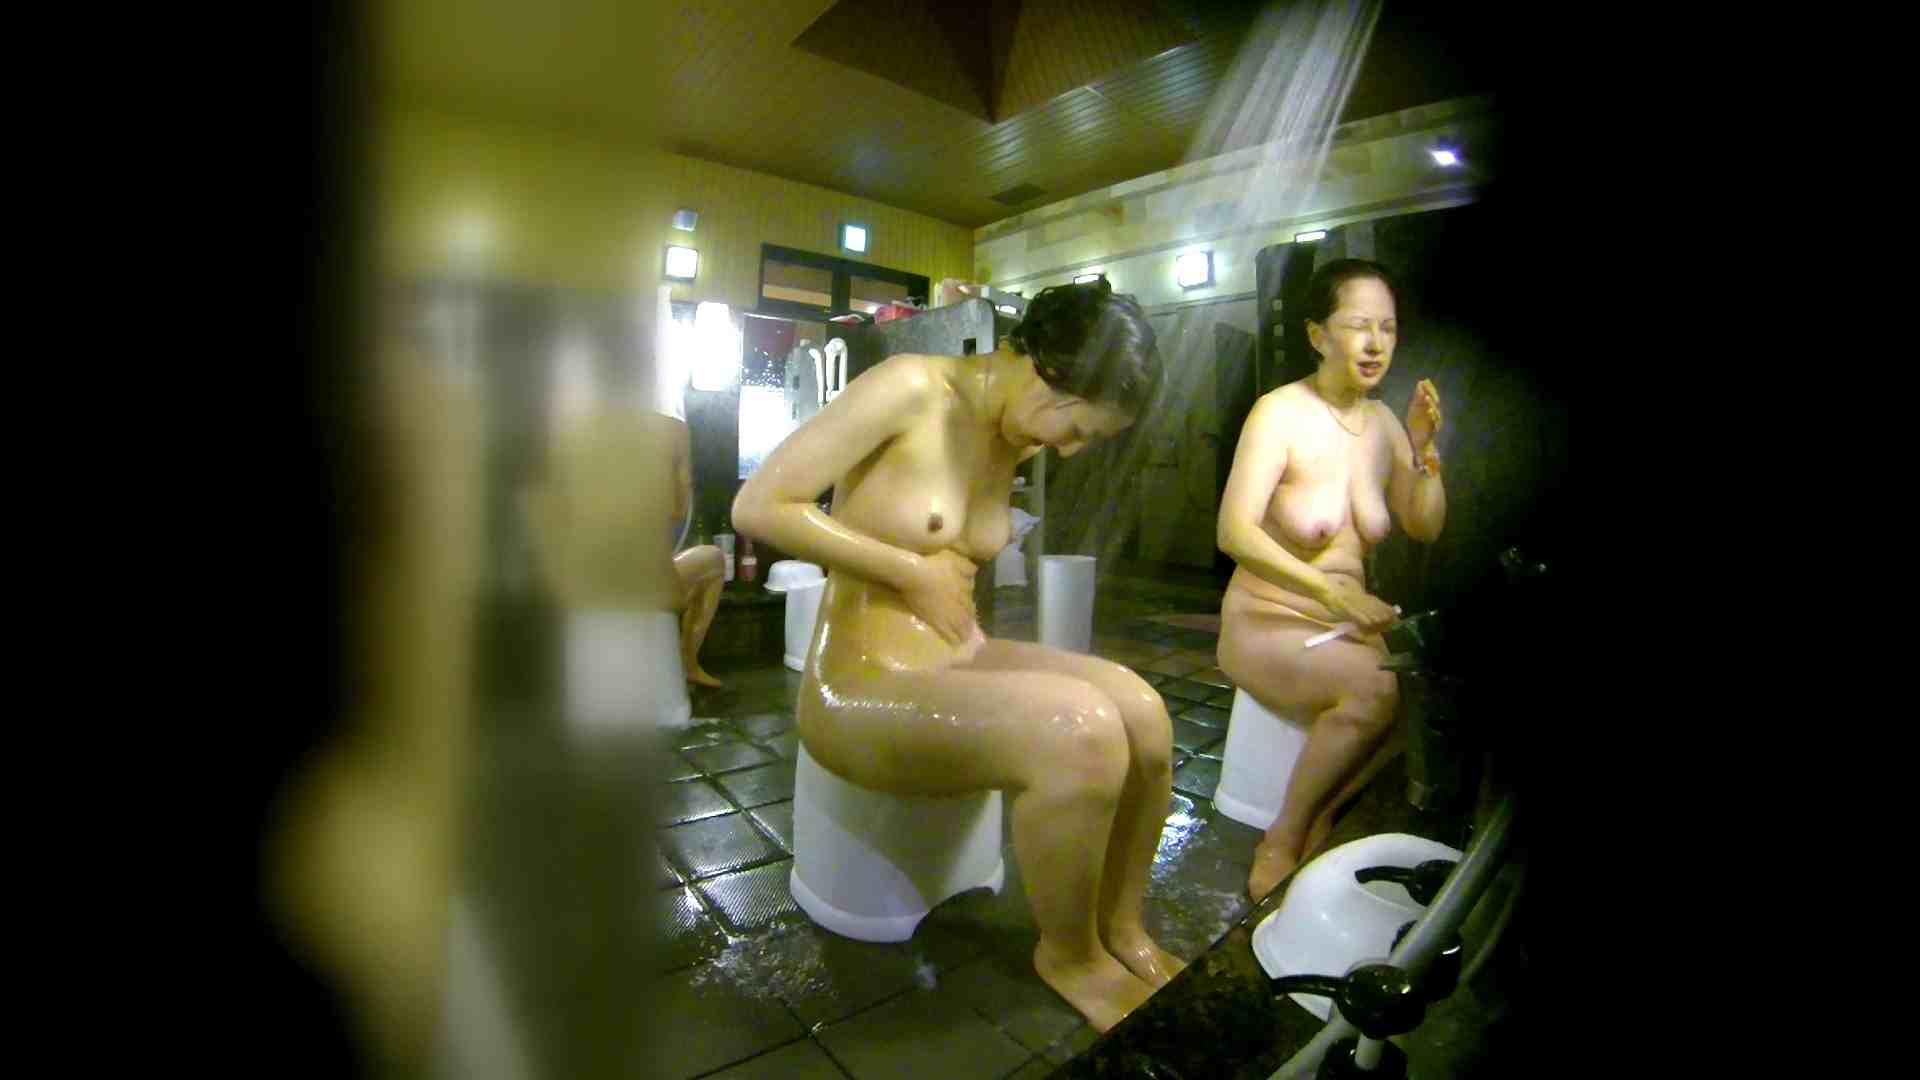 洗い場!右足の位置がいいですね。陰毛もっさり! 銭湯着替え   お姉さん攻略  111画像 57